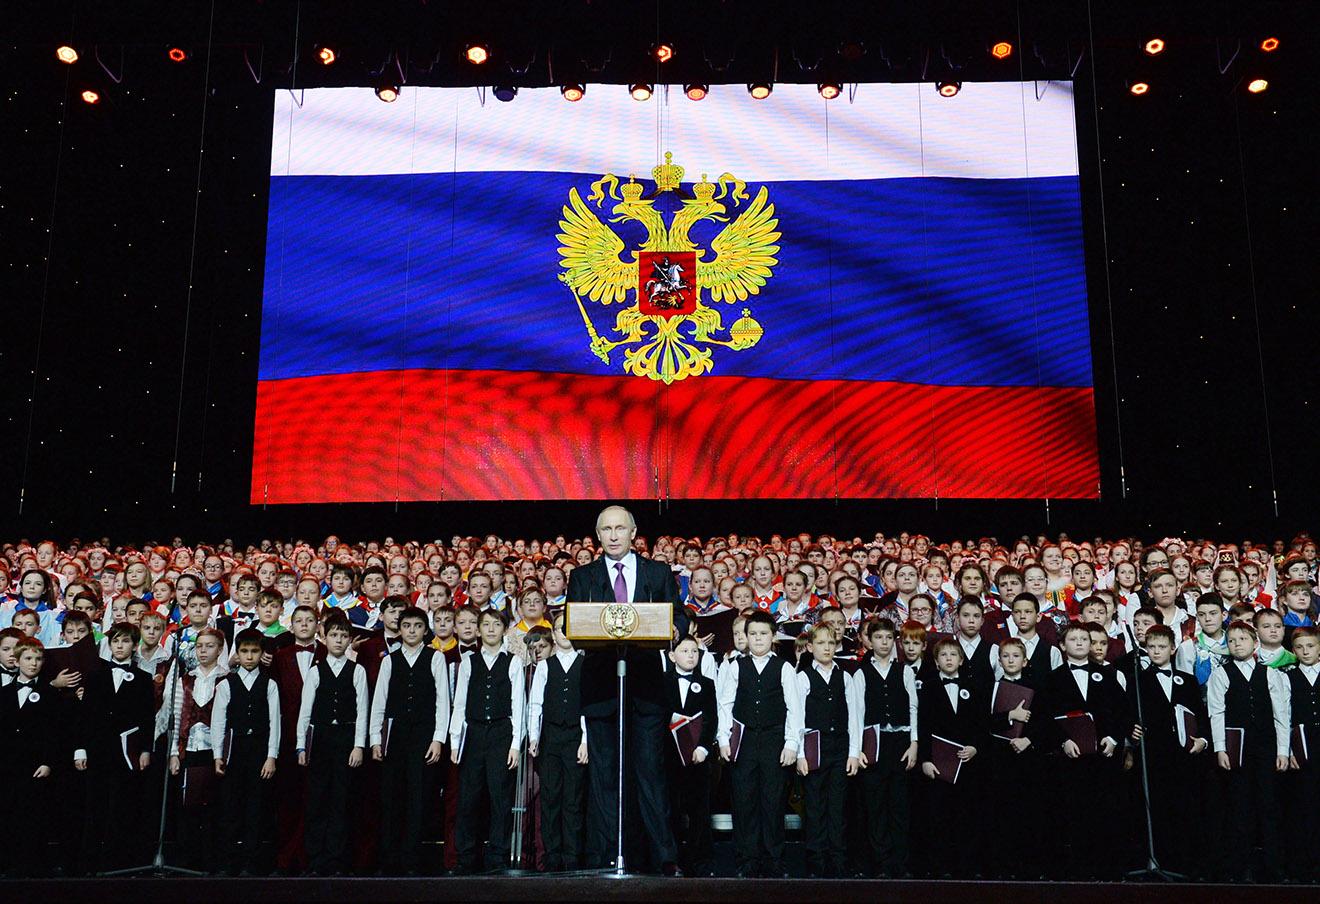 Владимир Путин во время концерта Детского хора России в Государственном Кремлевском дворце.